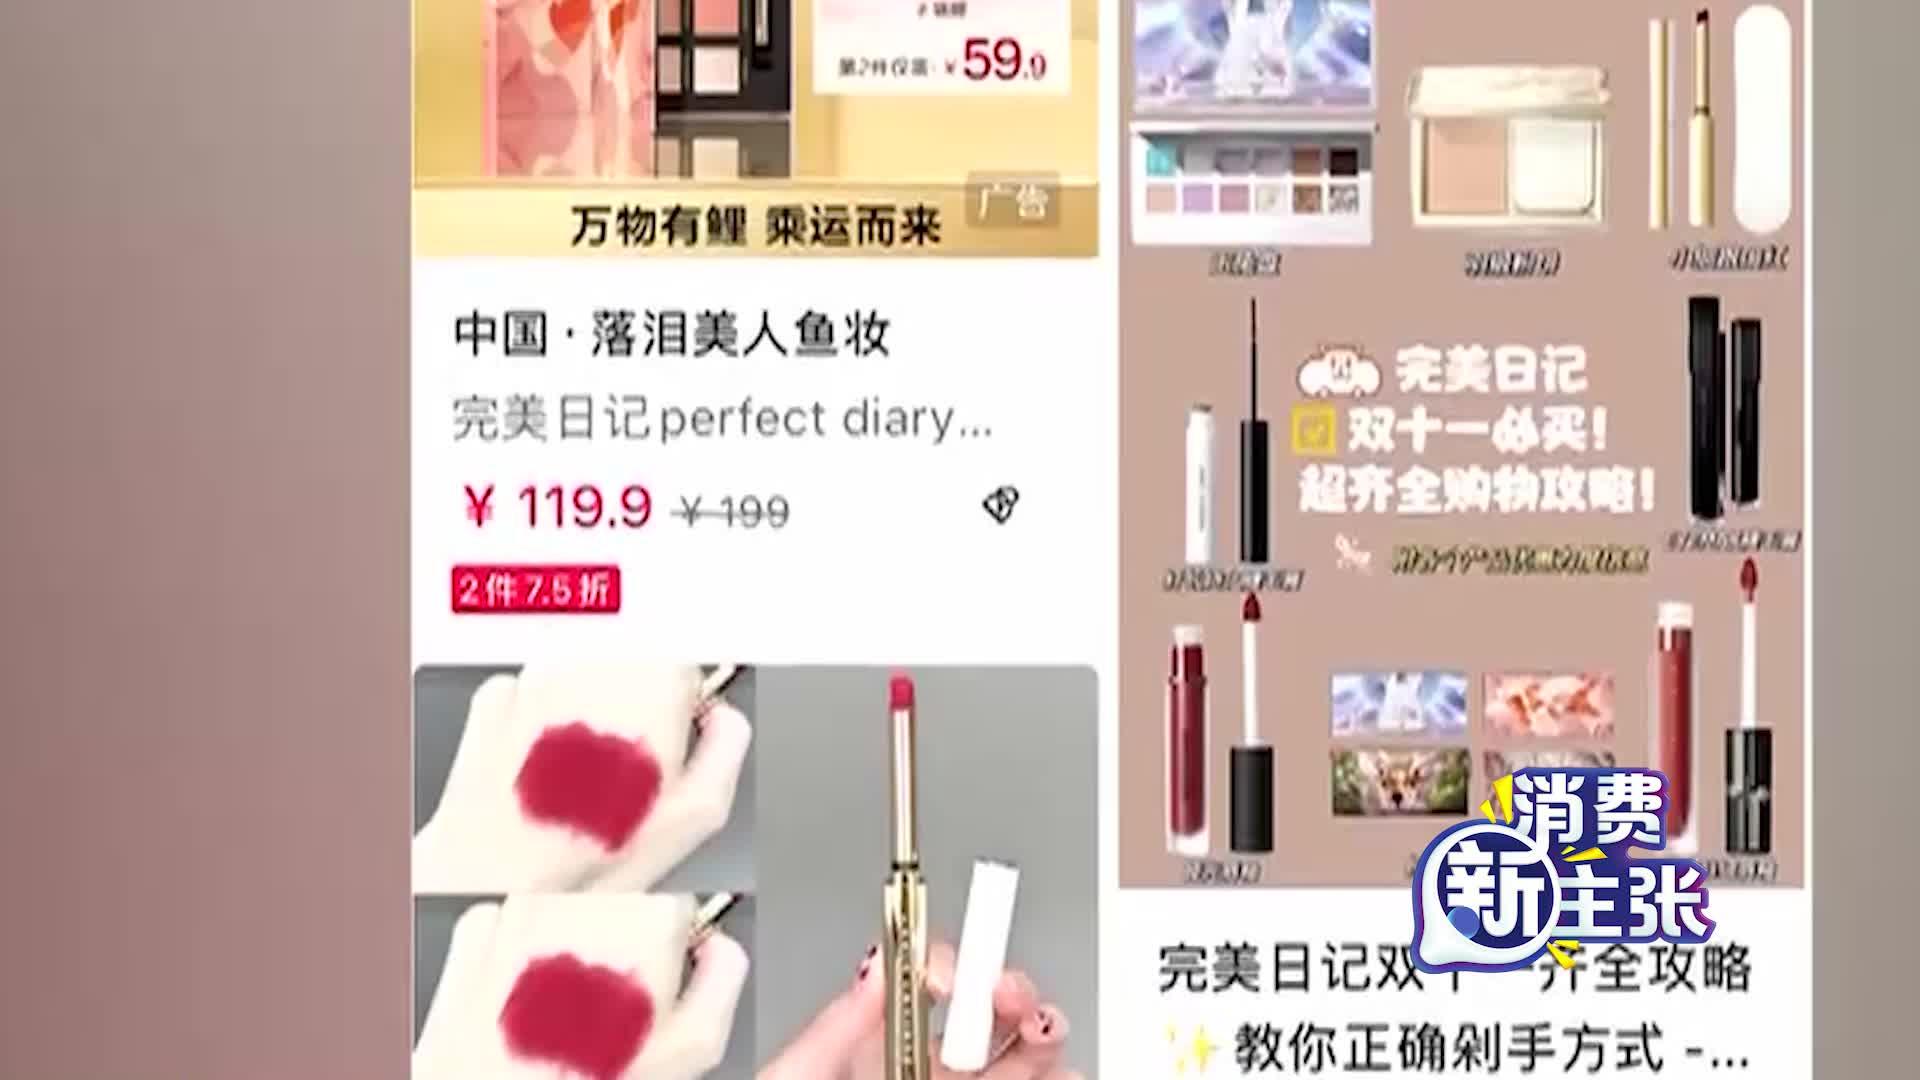 拼代言拼产品拼创意  国产美妆品牌走红